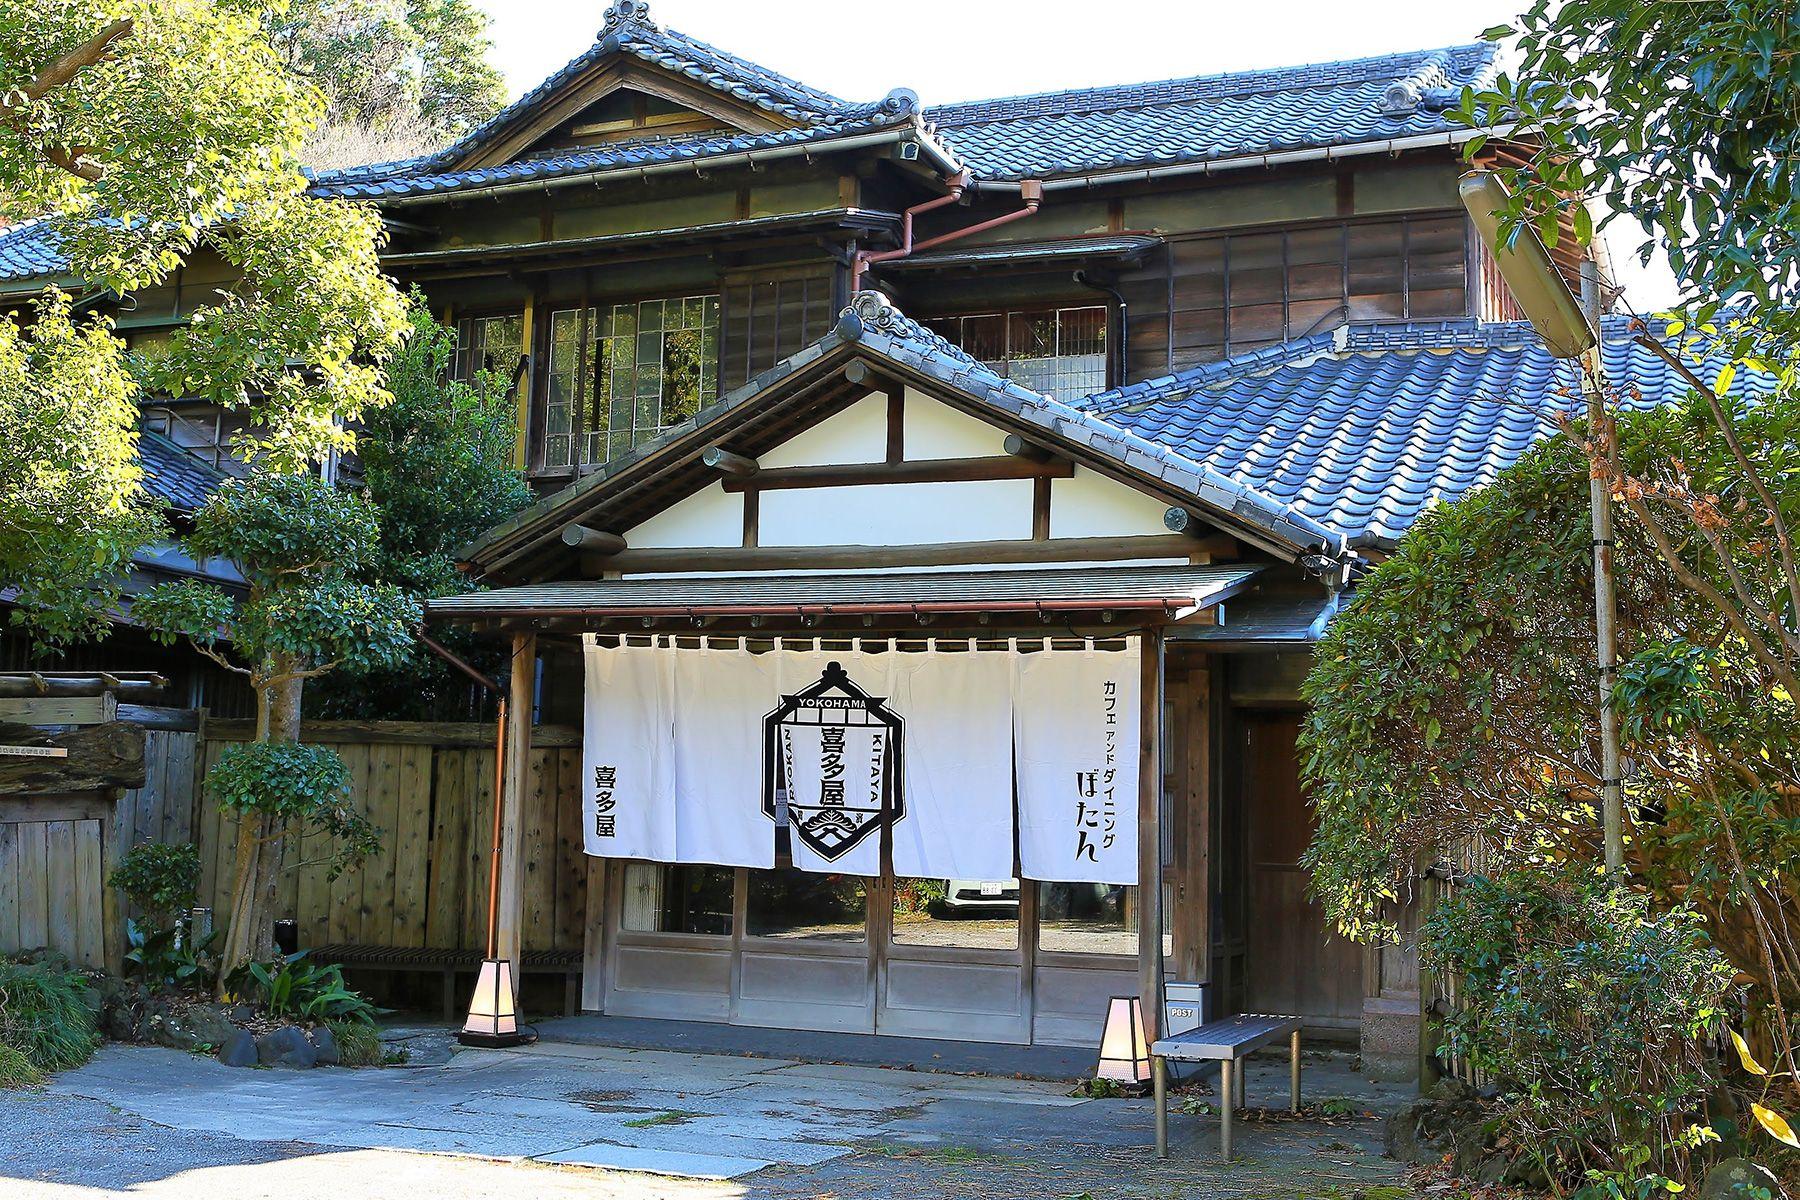 旅館 喜多屋 (キタヤ)正面入口